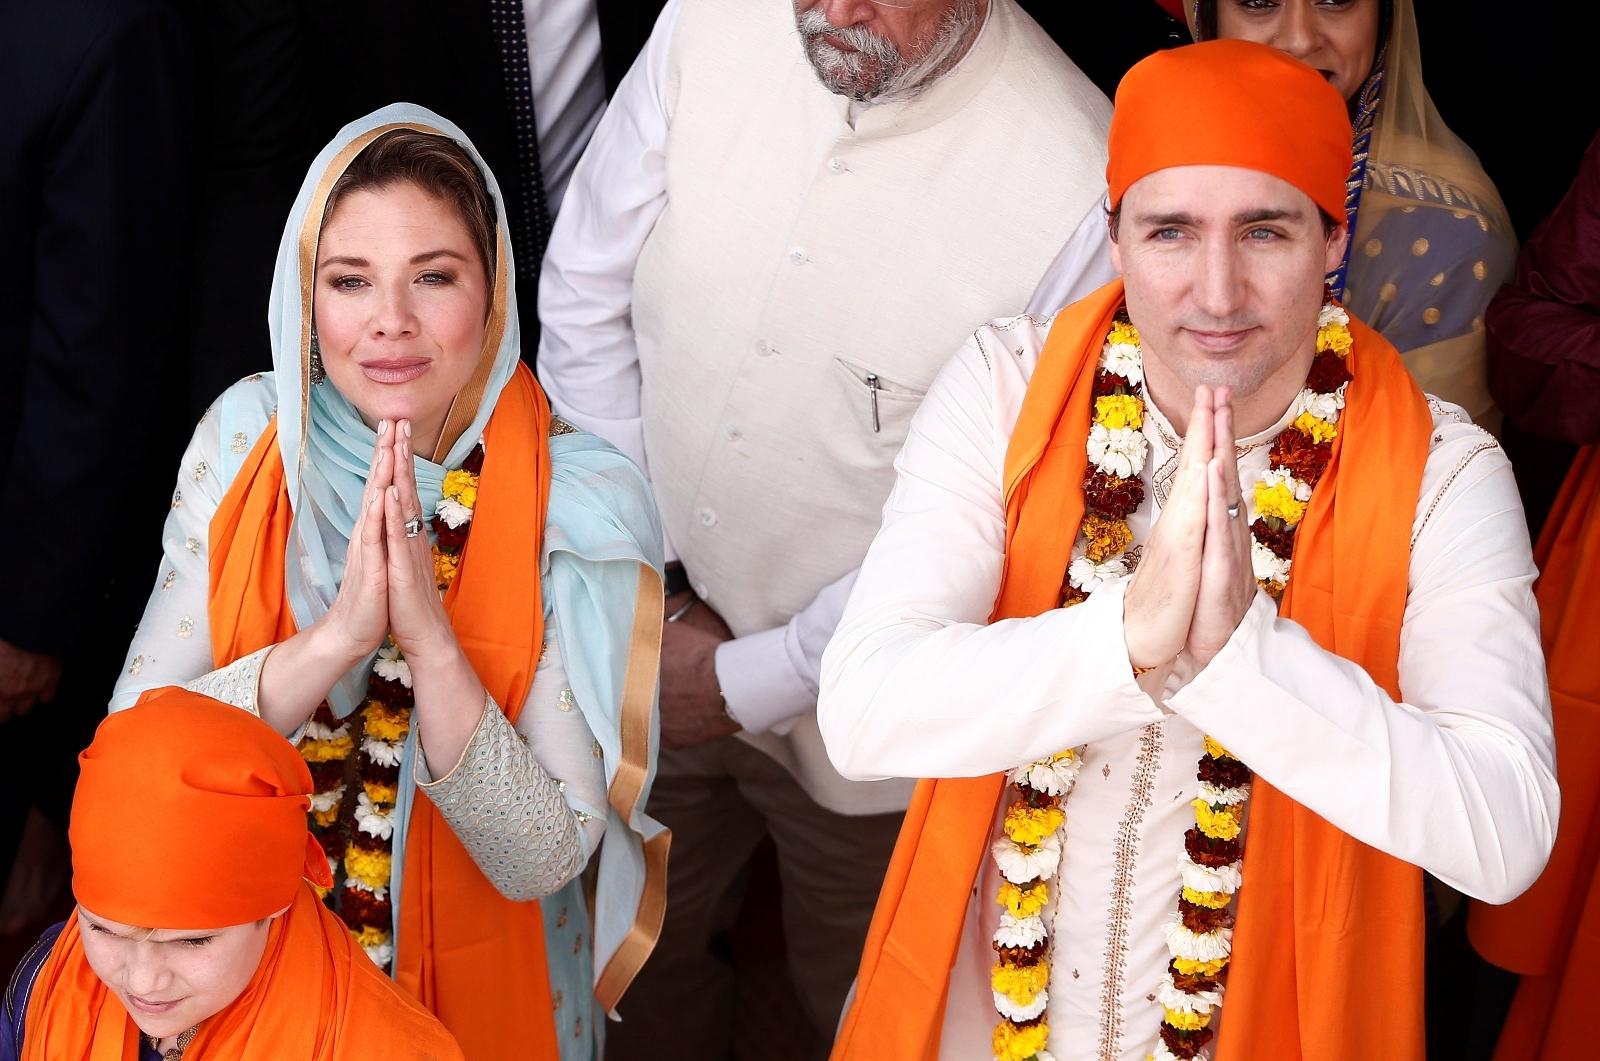 Justin Trudeau on India visit